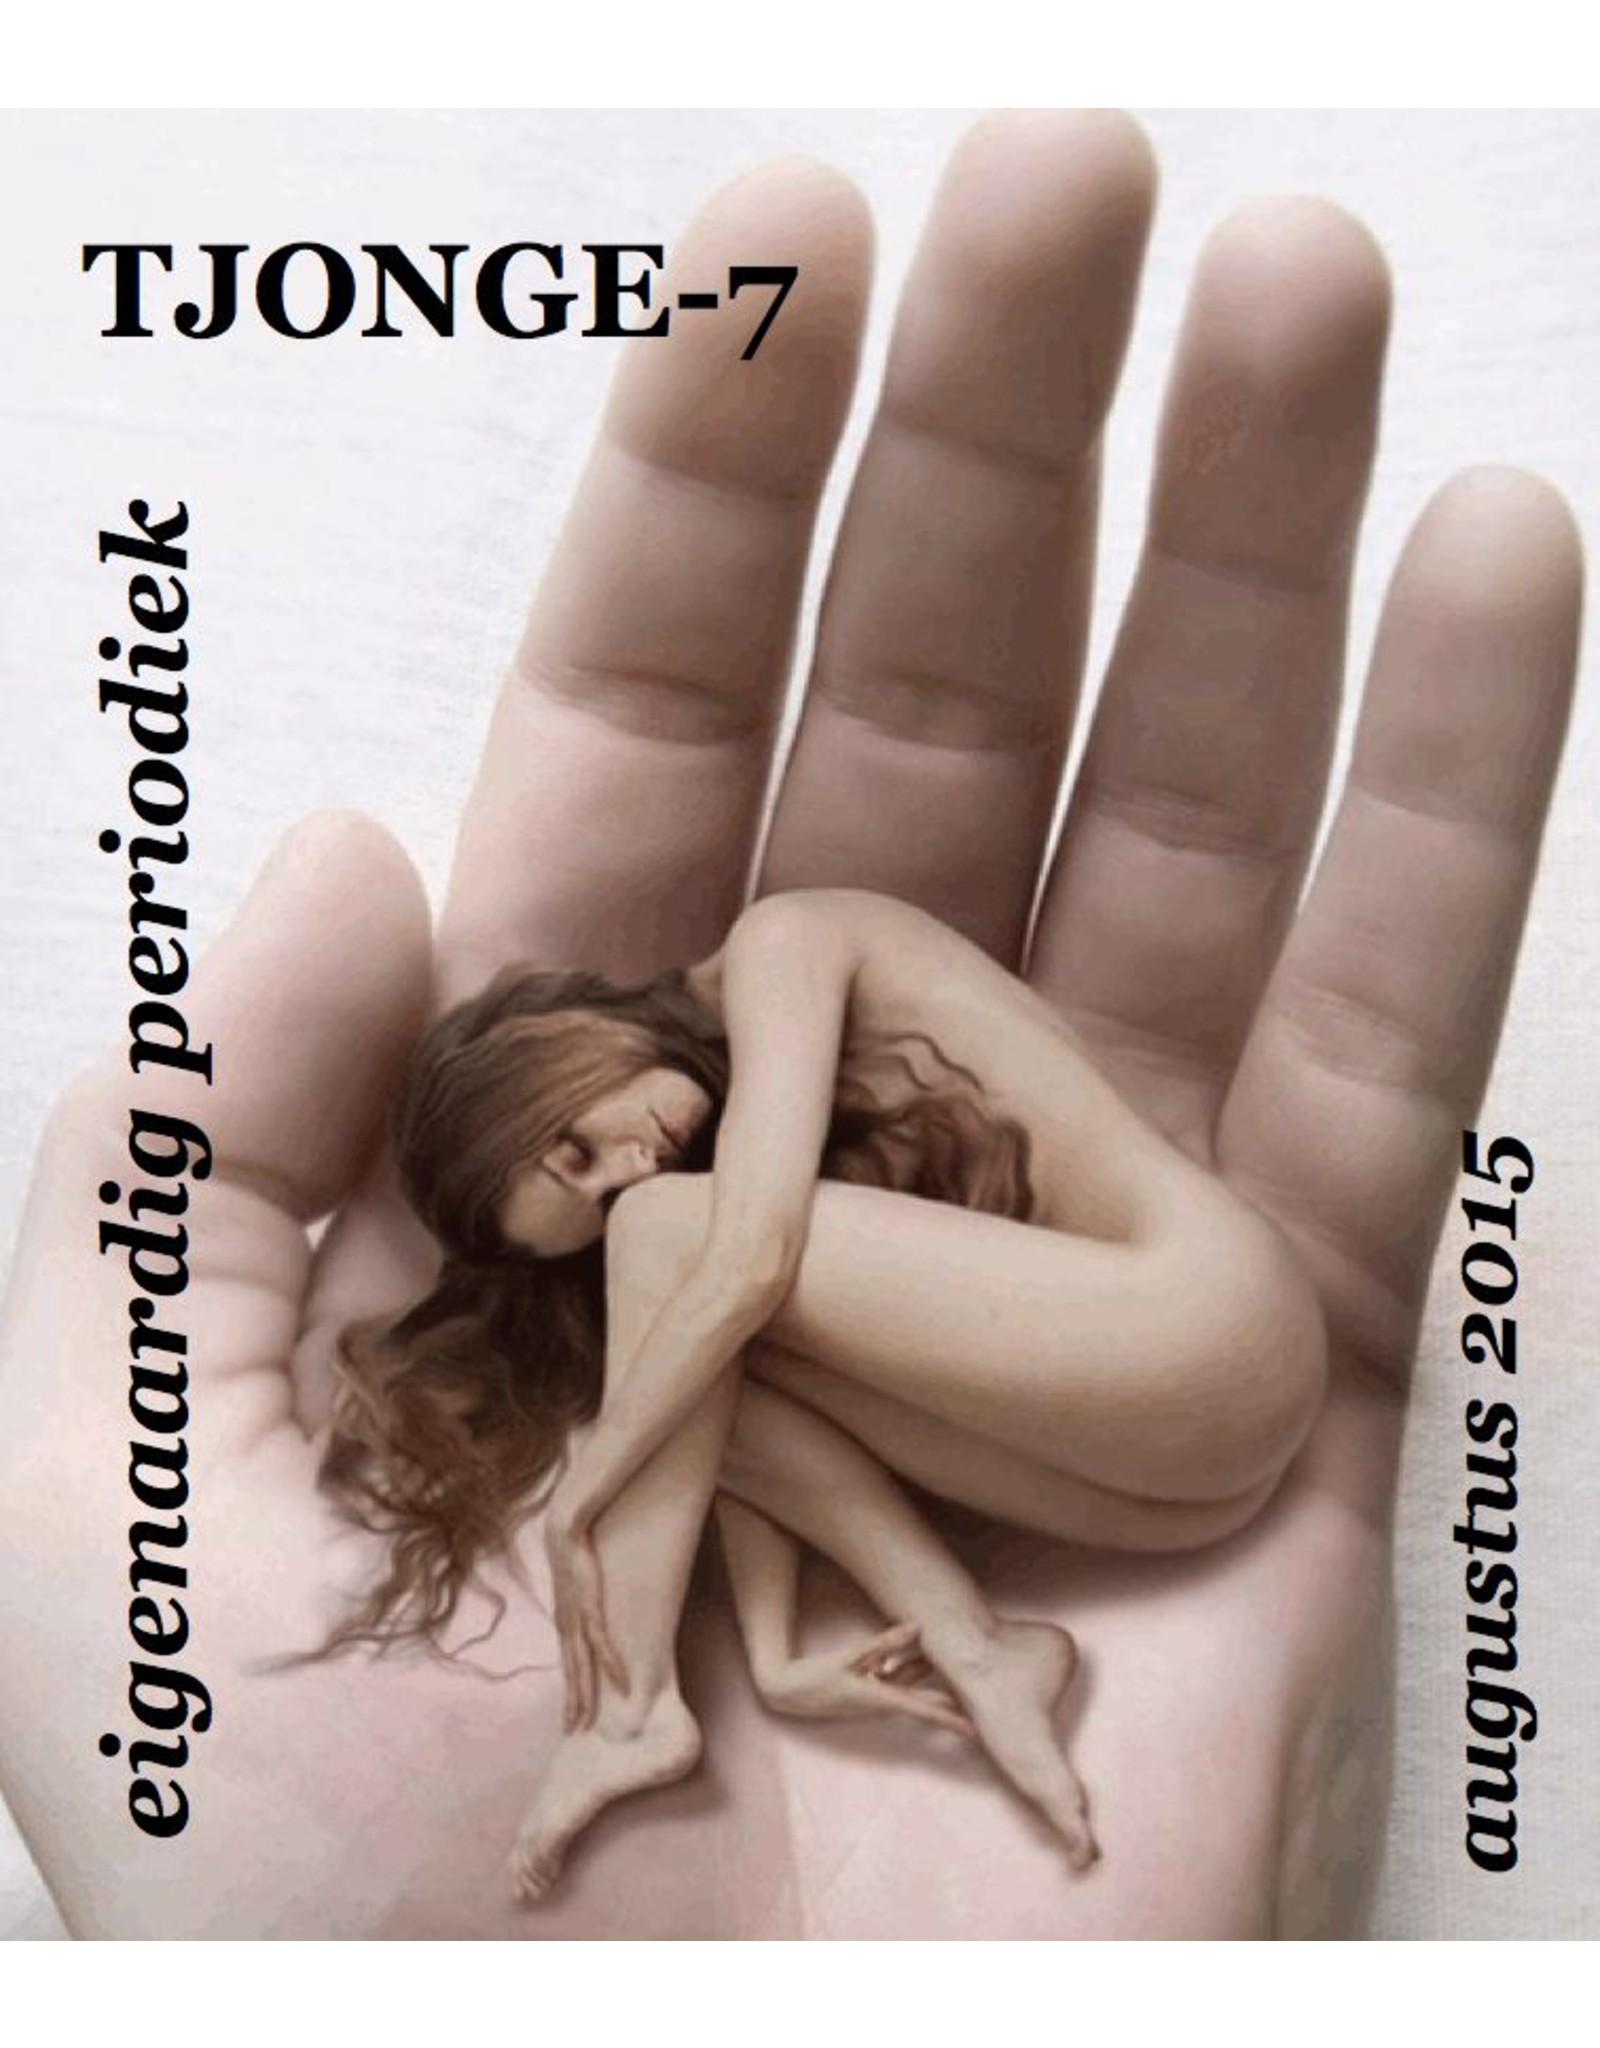 Tjonge-7 - eigenaardig periodiek met volstrekt onvoorspelbare verschijningsfrequentie